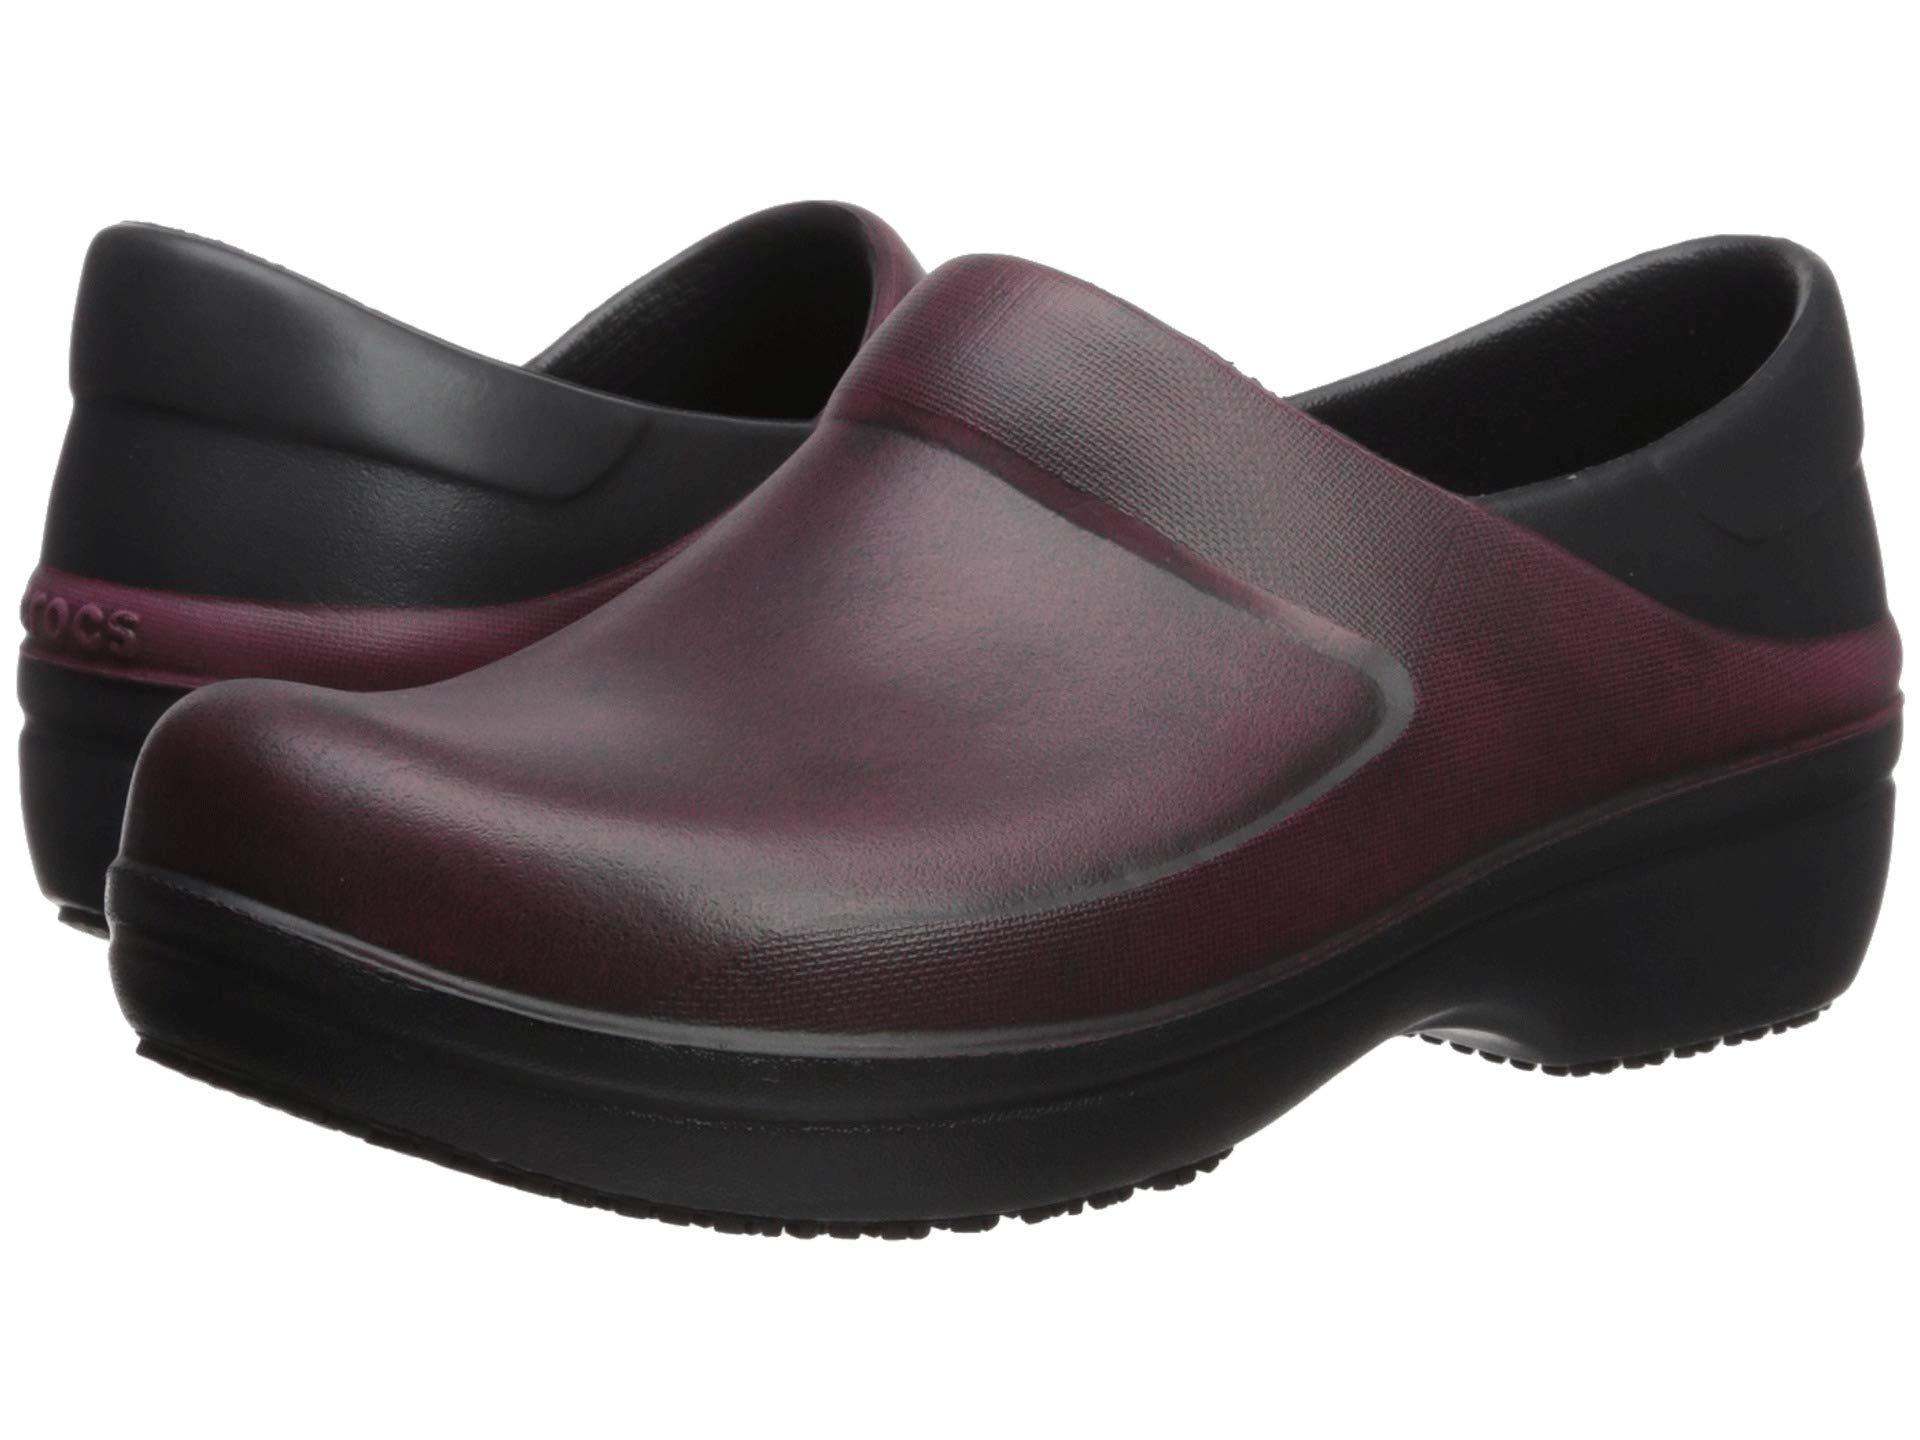 a57855a74bbef6 Lyst - Crocs™ Work Neria Pro Ii Distressed Clog (garnet black ...